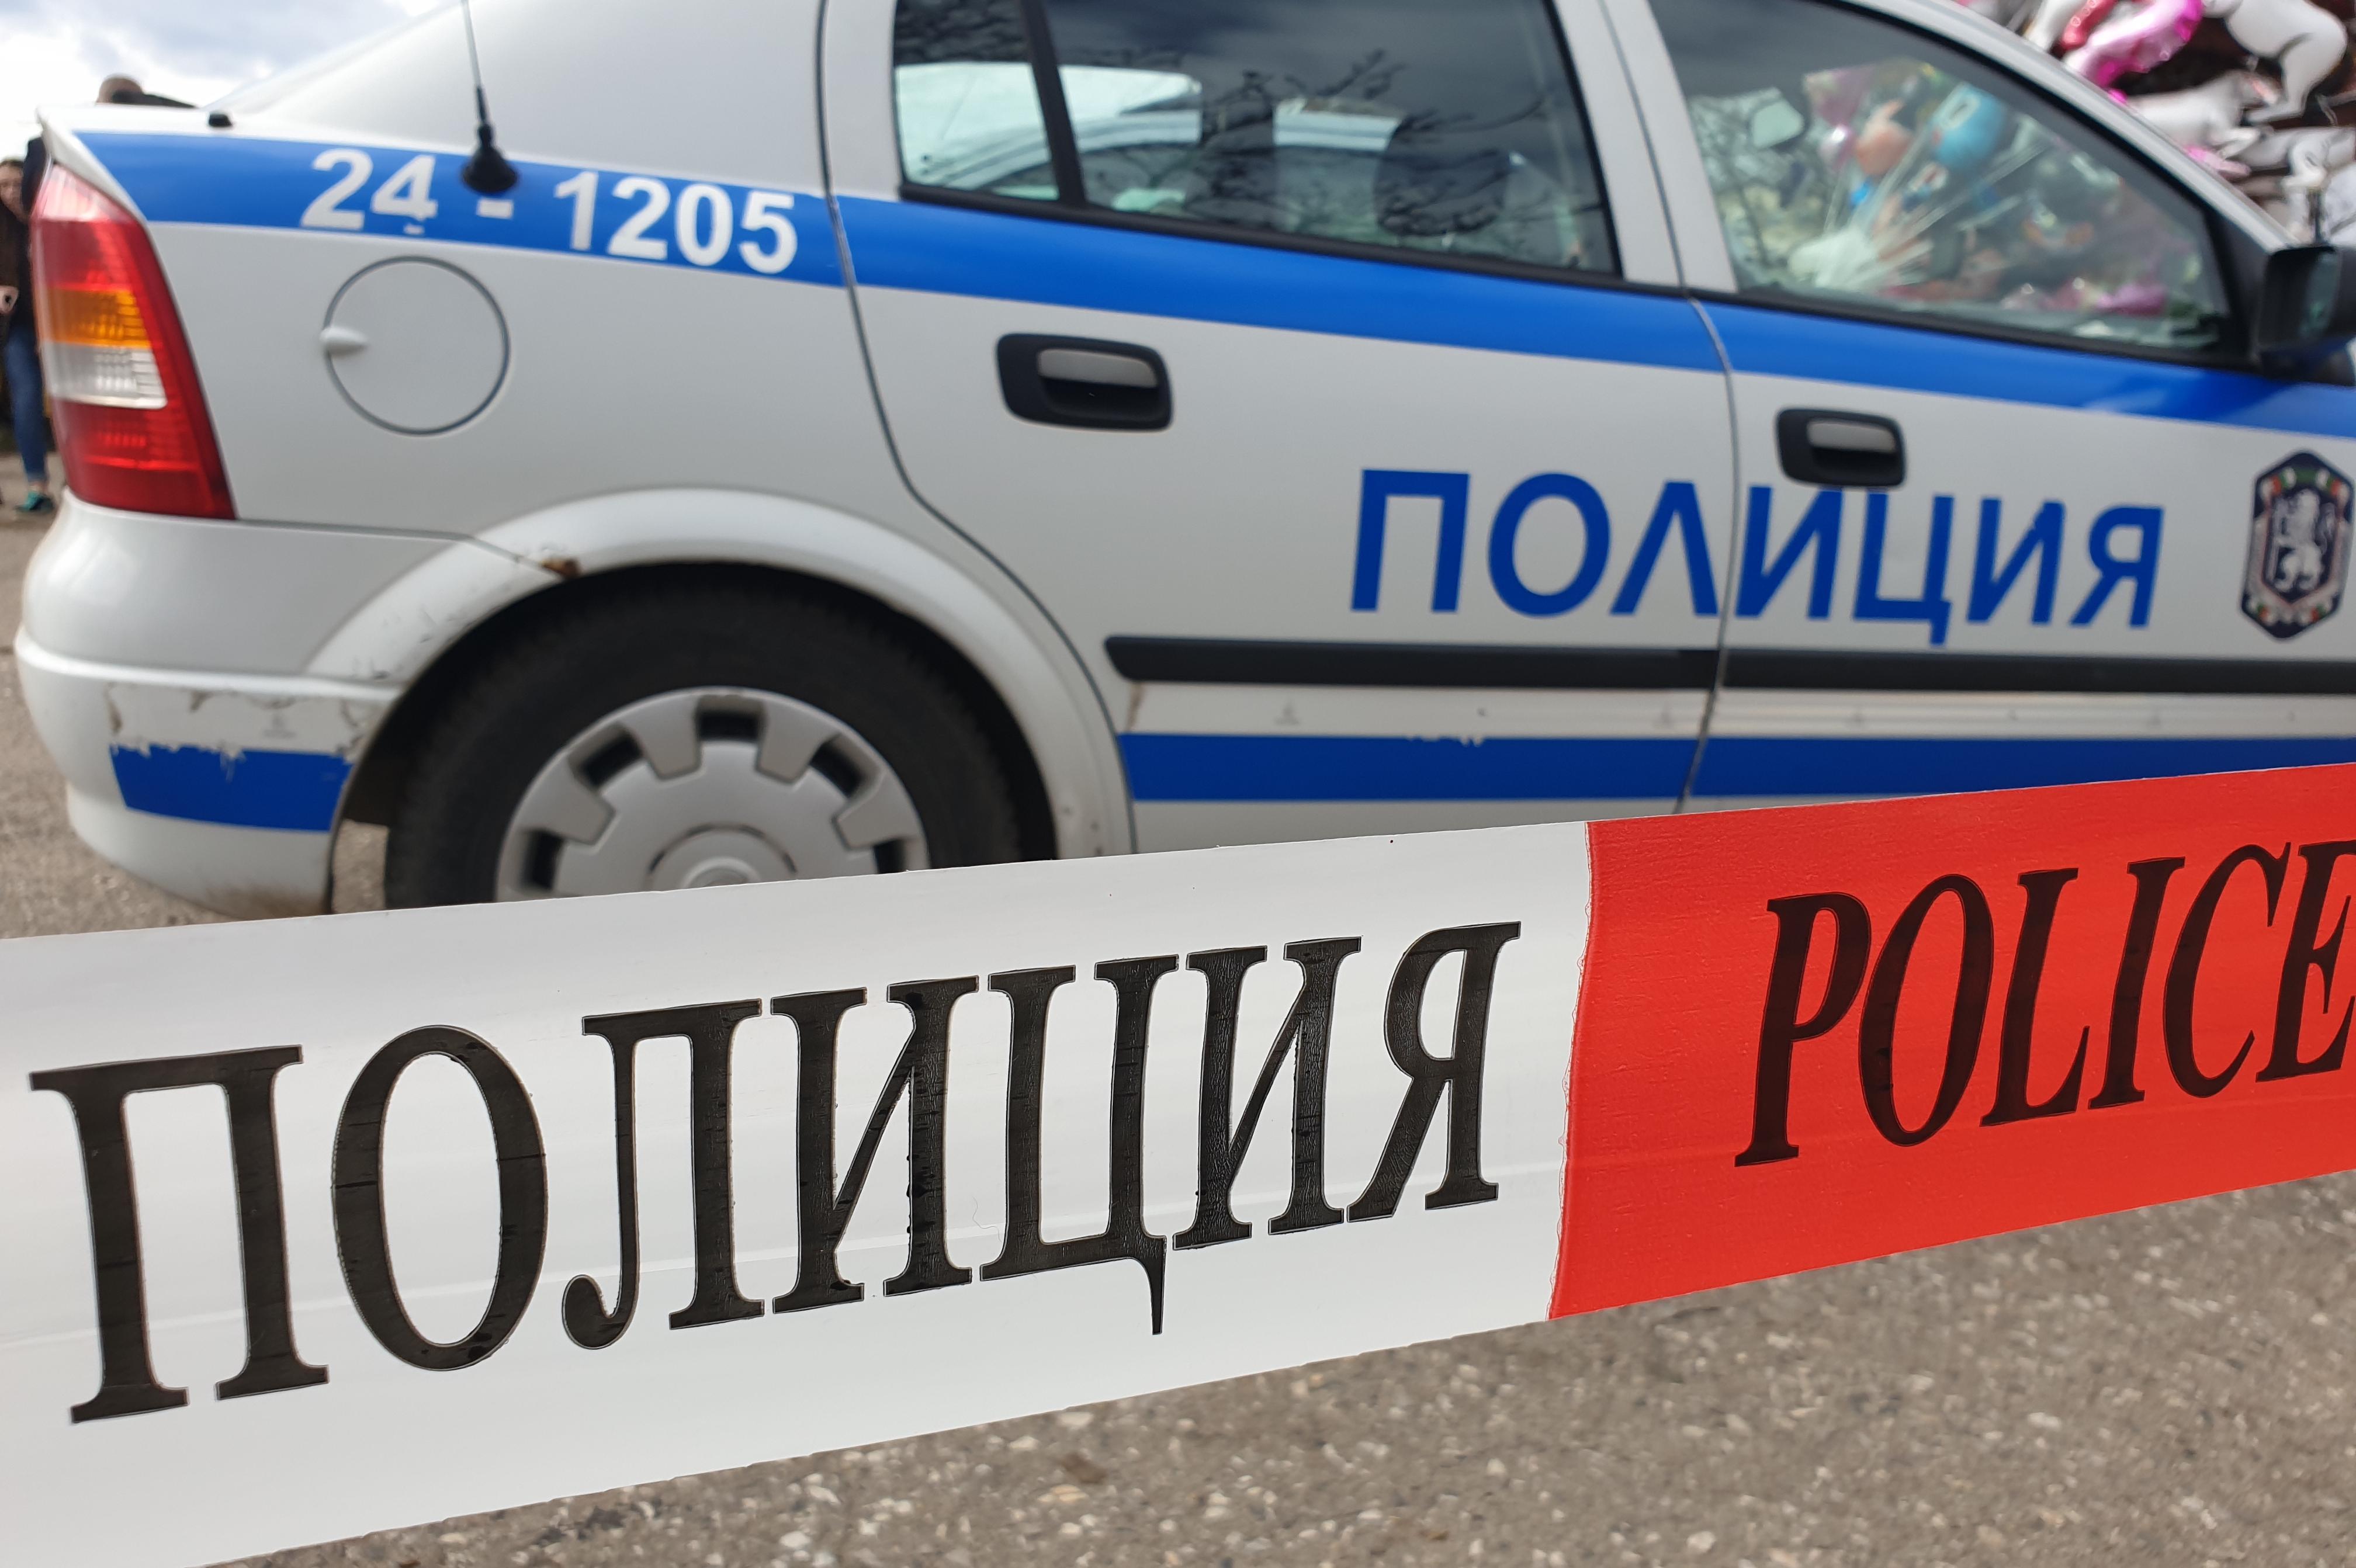 Три тежки катастрофи с трима загинали в Софийско за нощ